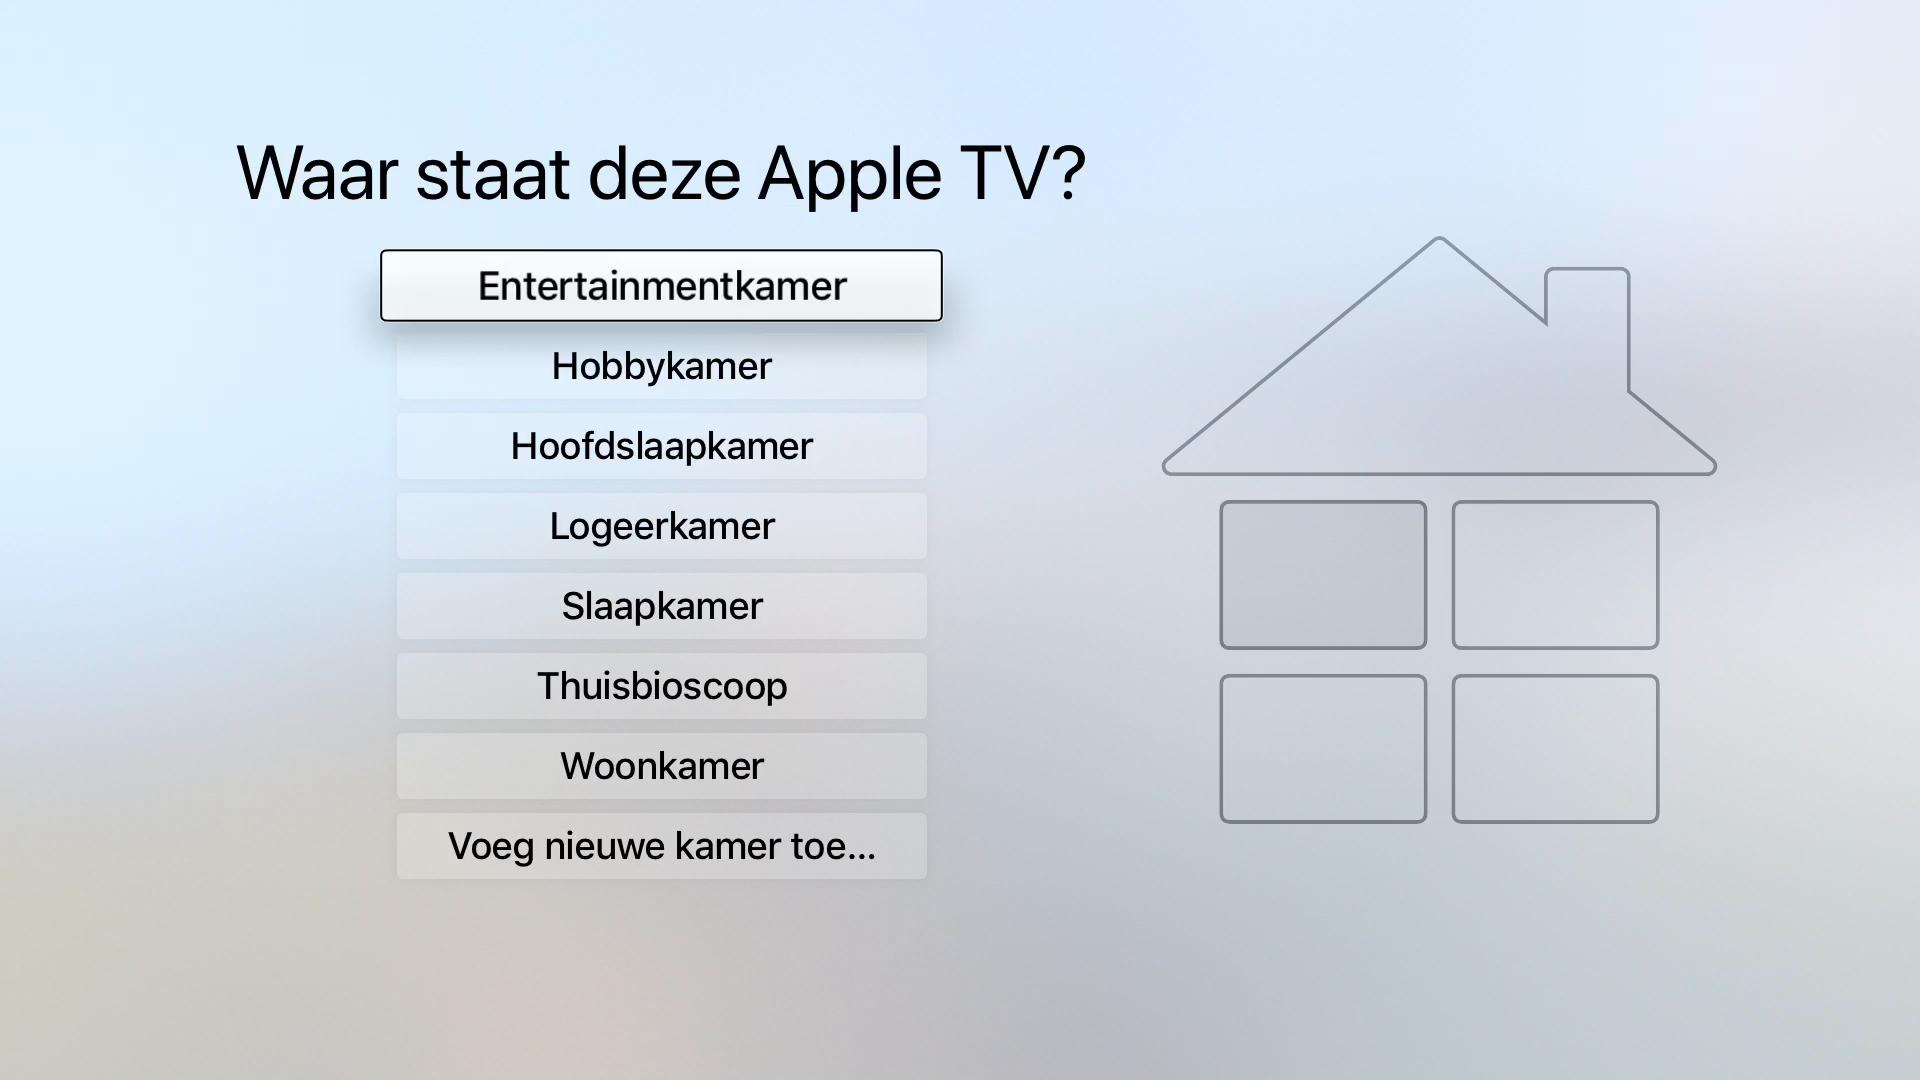 Apple TV tvOS 11.4 beta 1 airplay